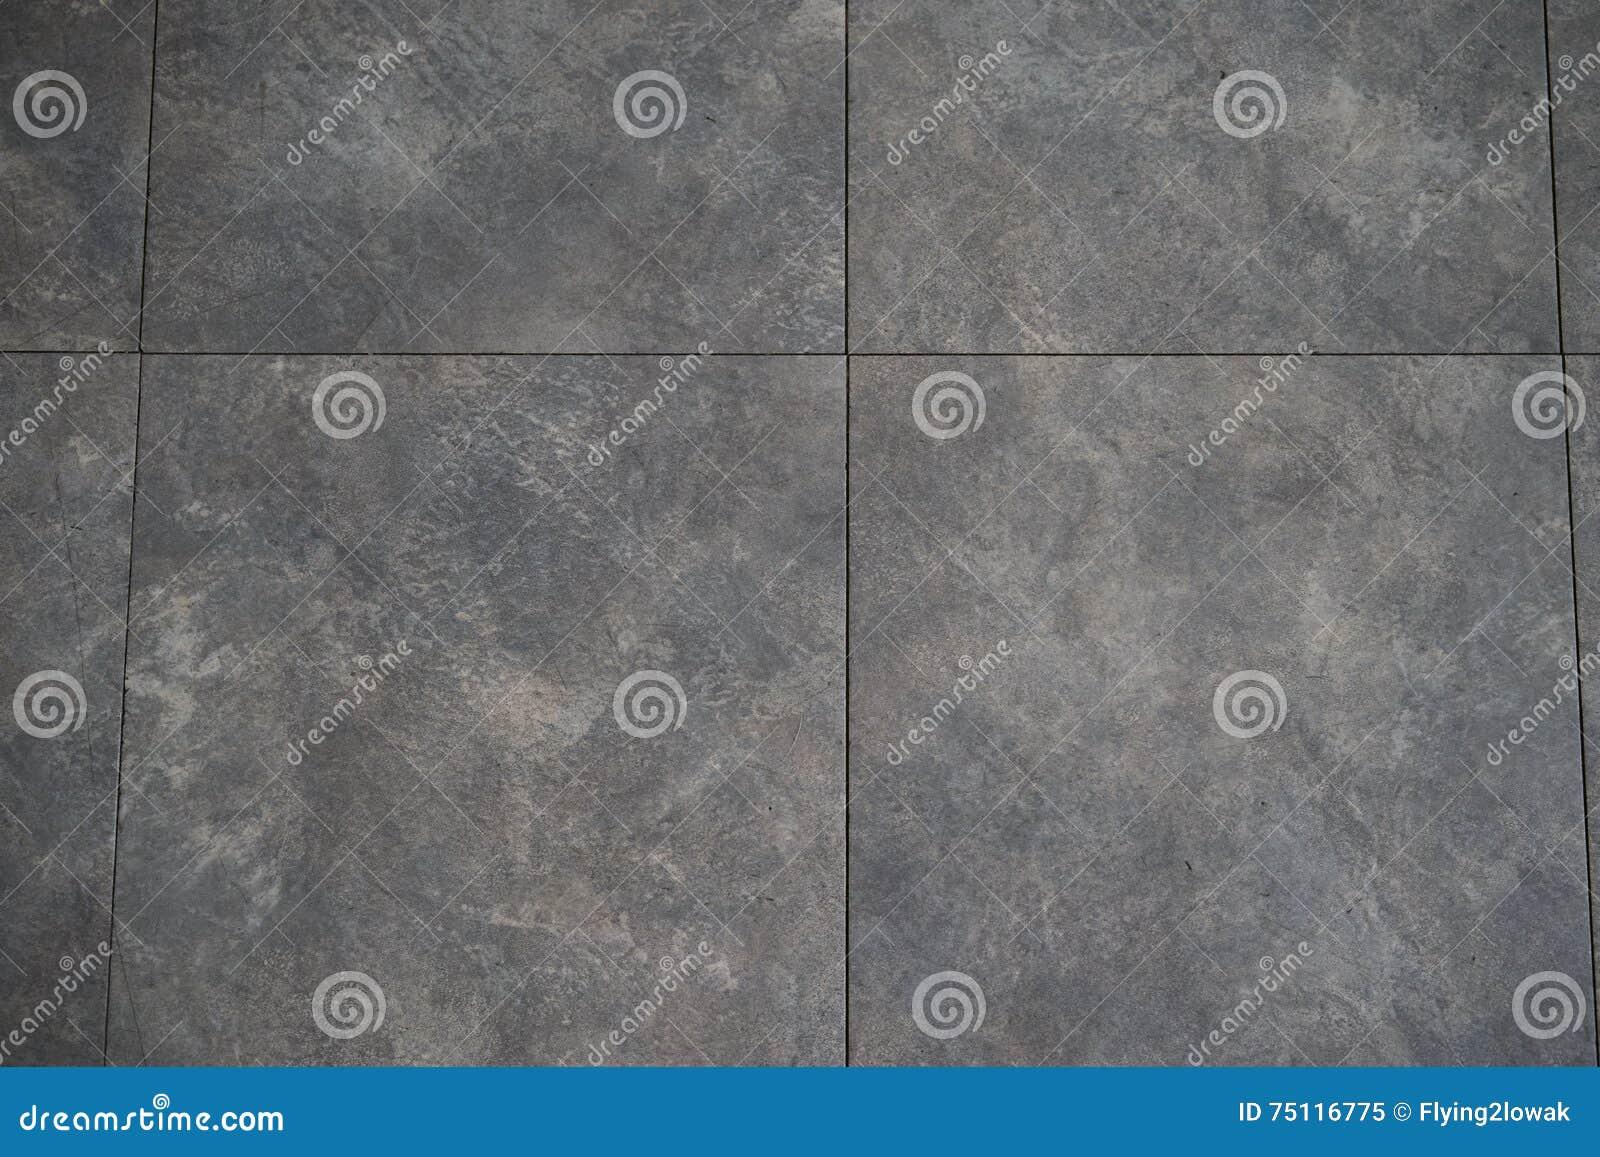 Linoleum Vloer Grijs : De tegels van de linoleumvloer stock afbeelding afbeelding